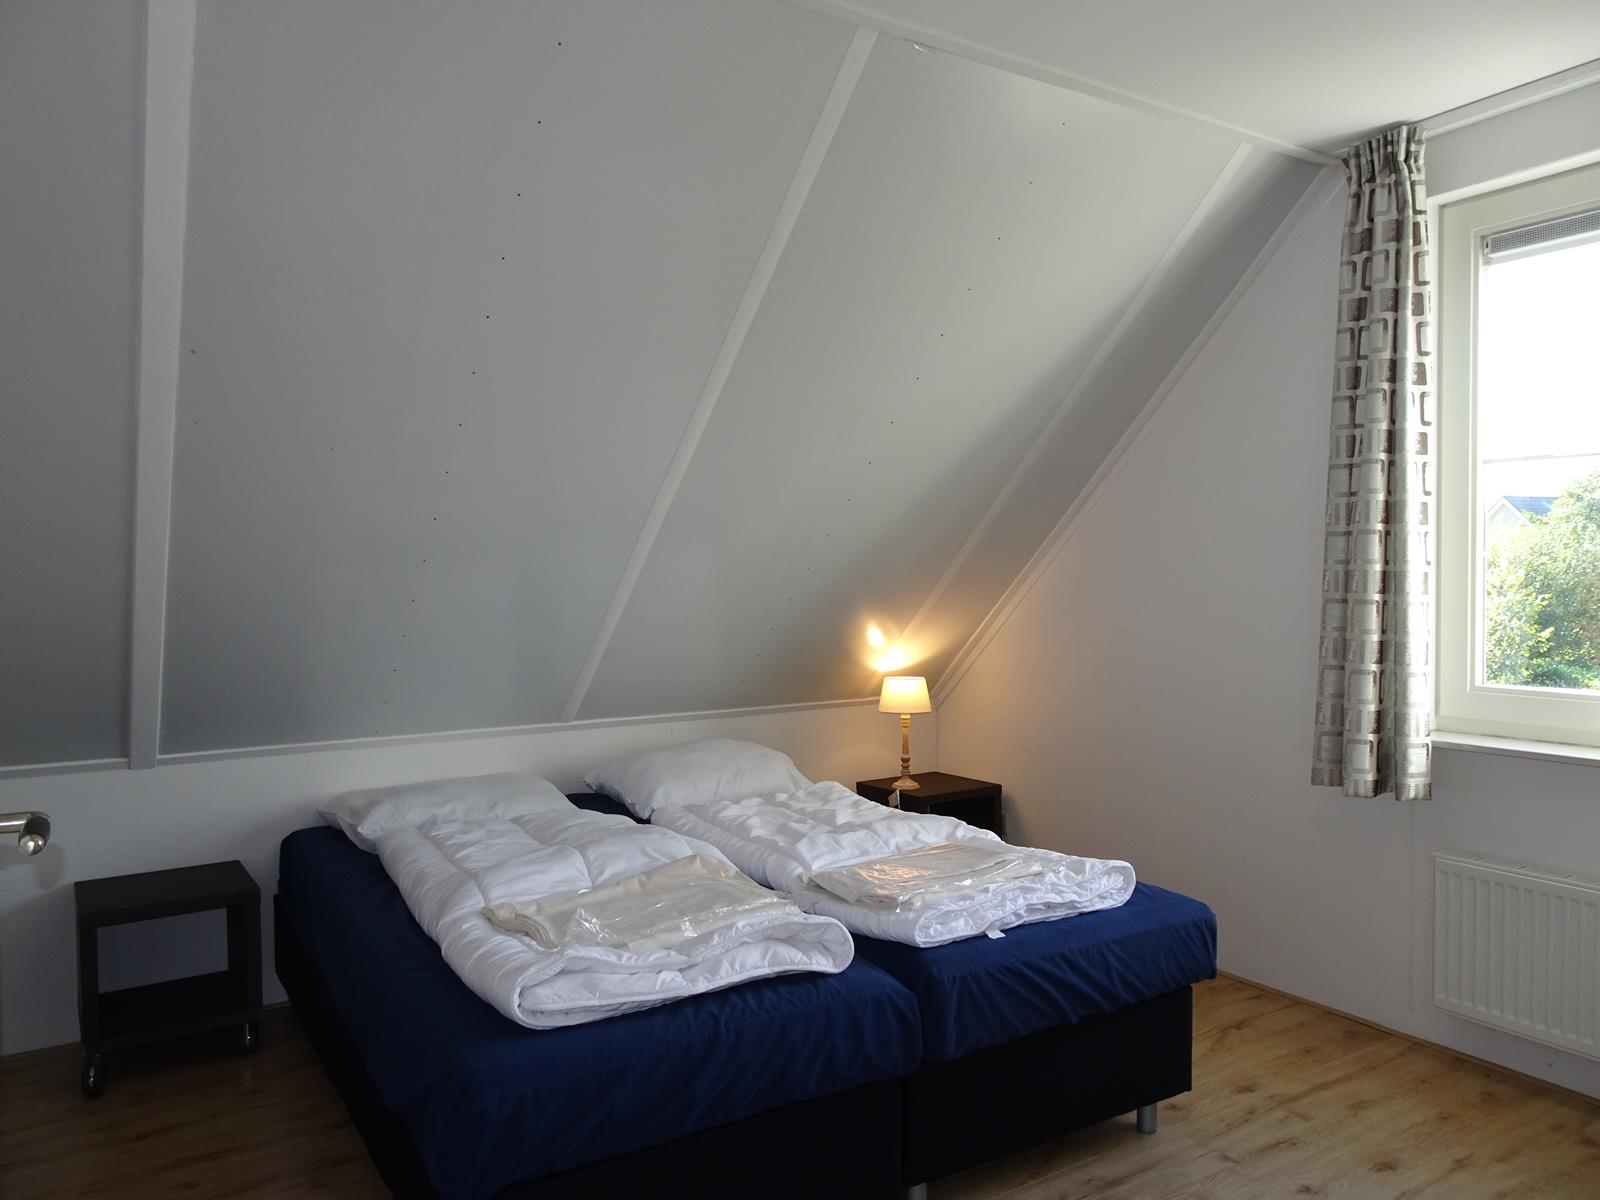 Vakantiehuis te koop Susteren K800 006.jpg